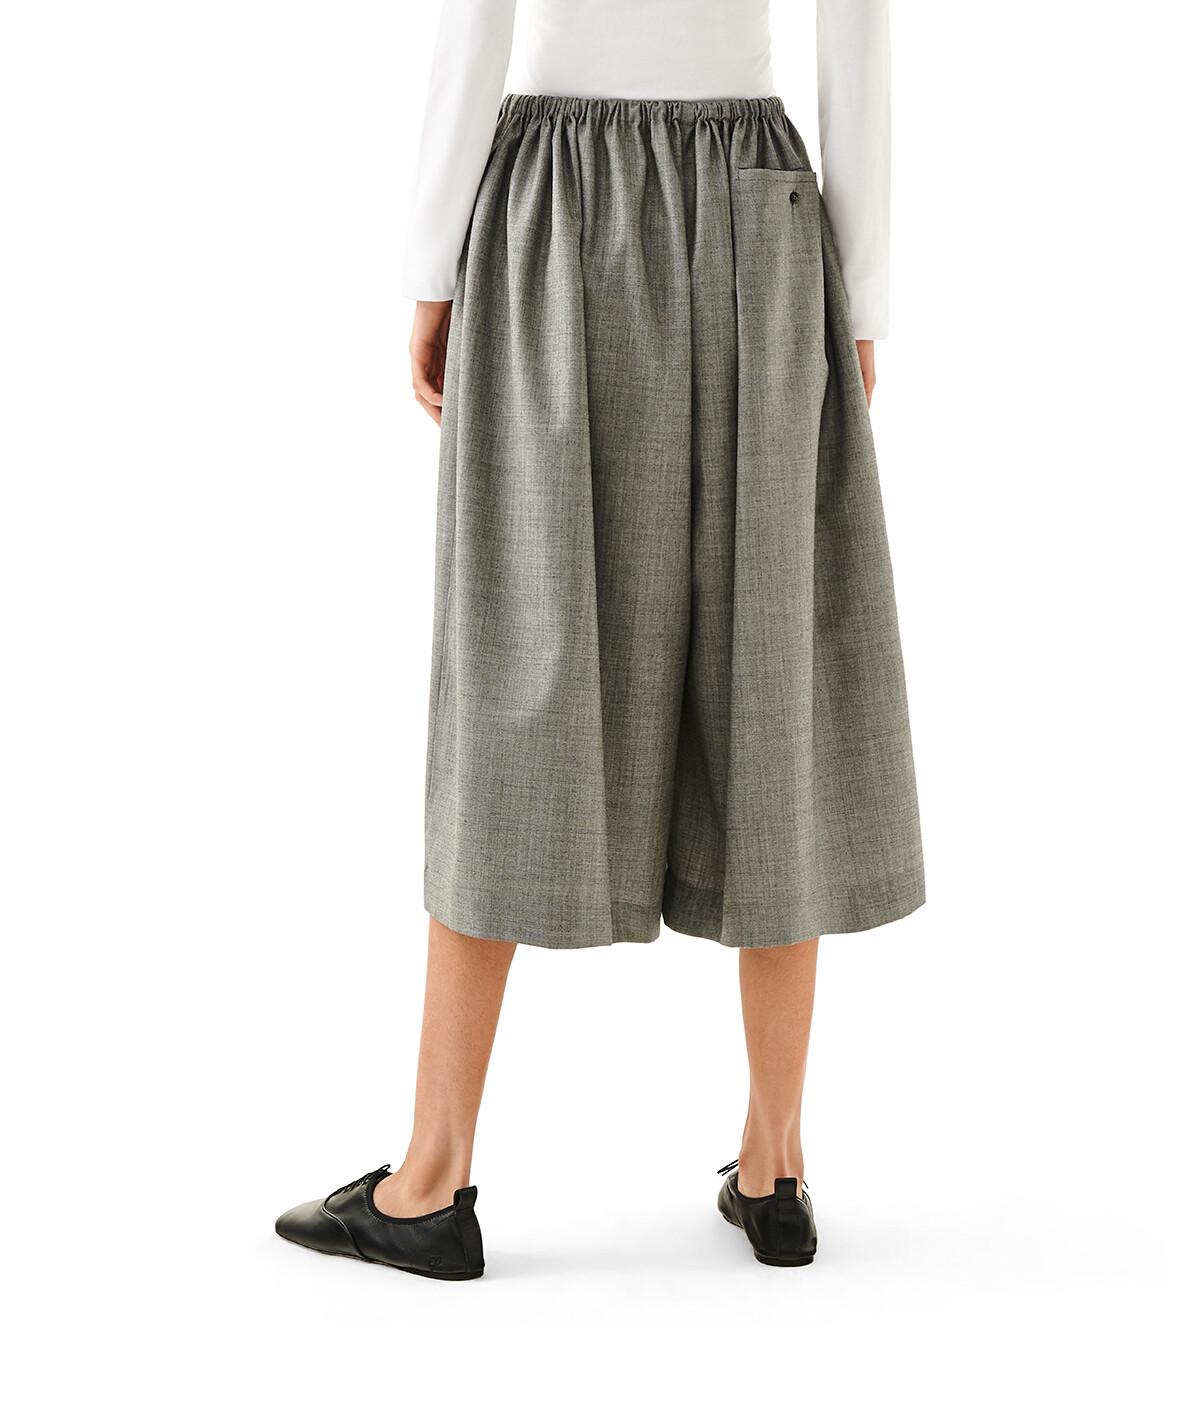 LOEWE Drawstring Shorts Gris front